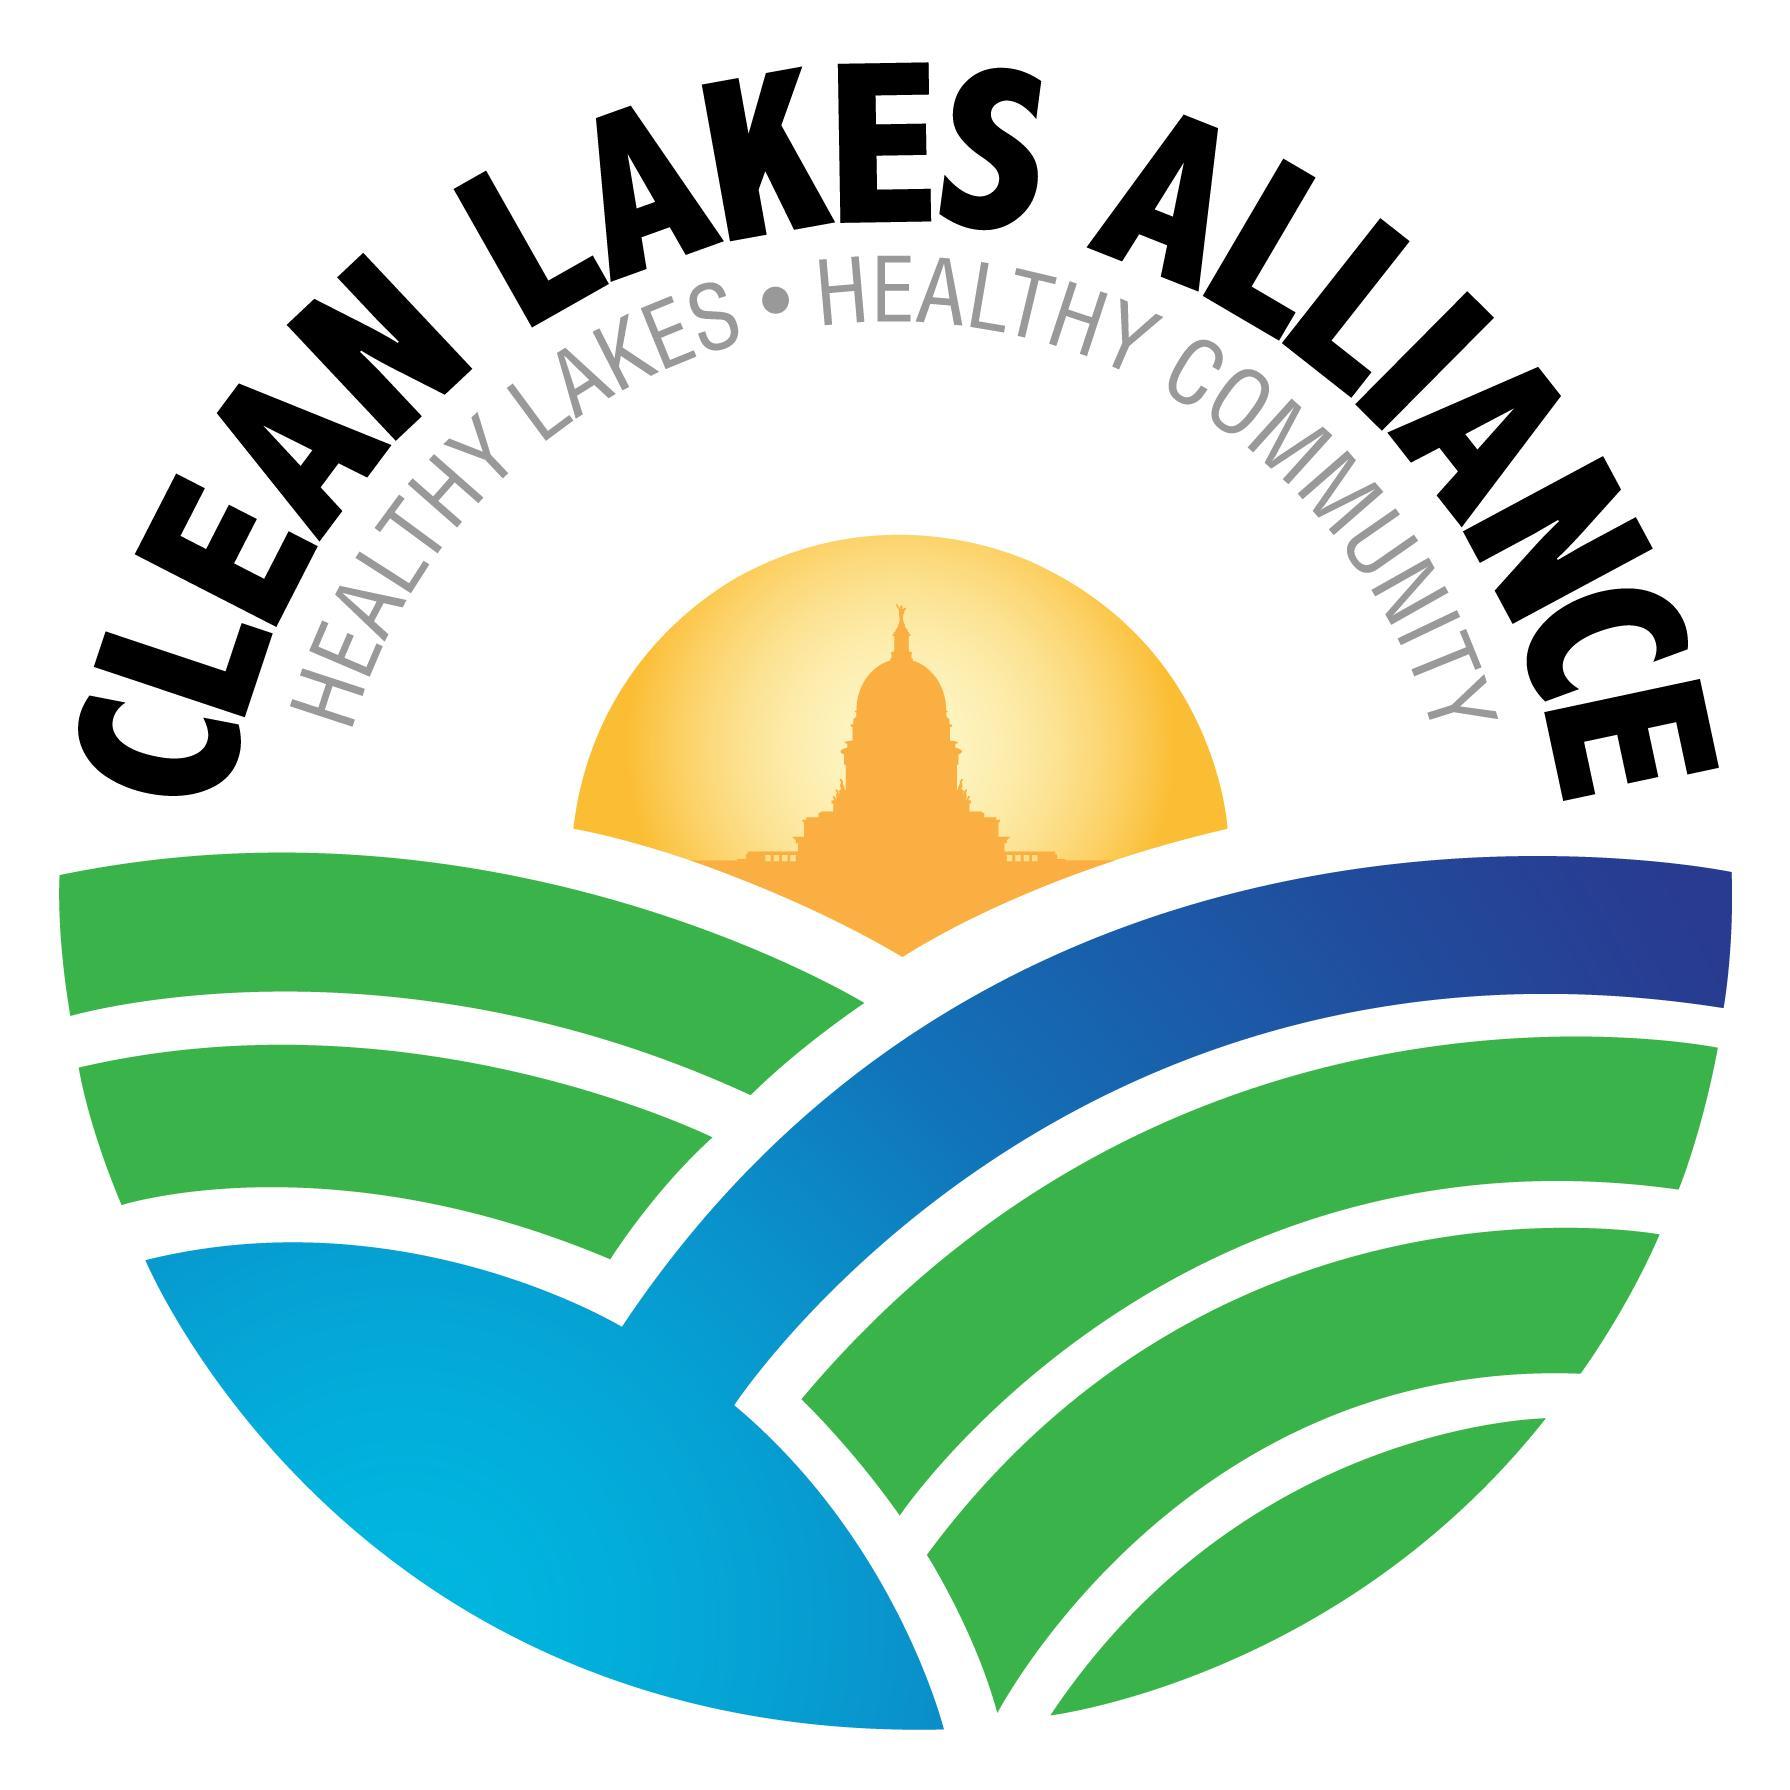 Clean Lakes Alliance, Inc. logo